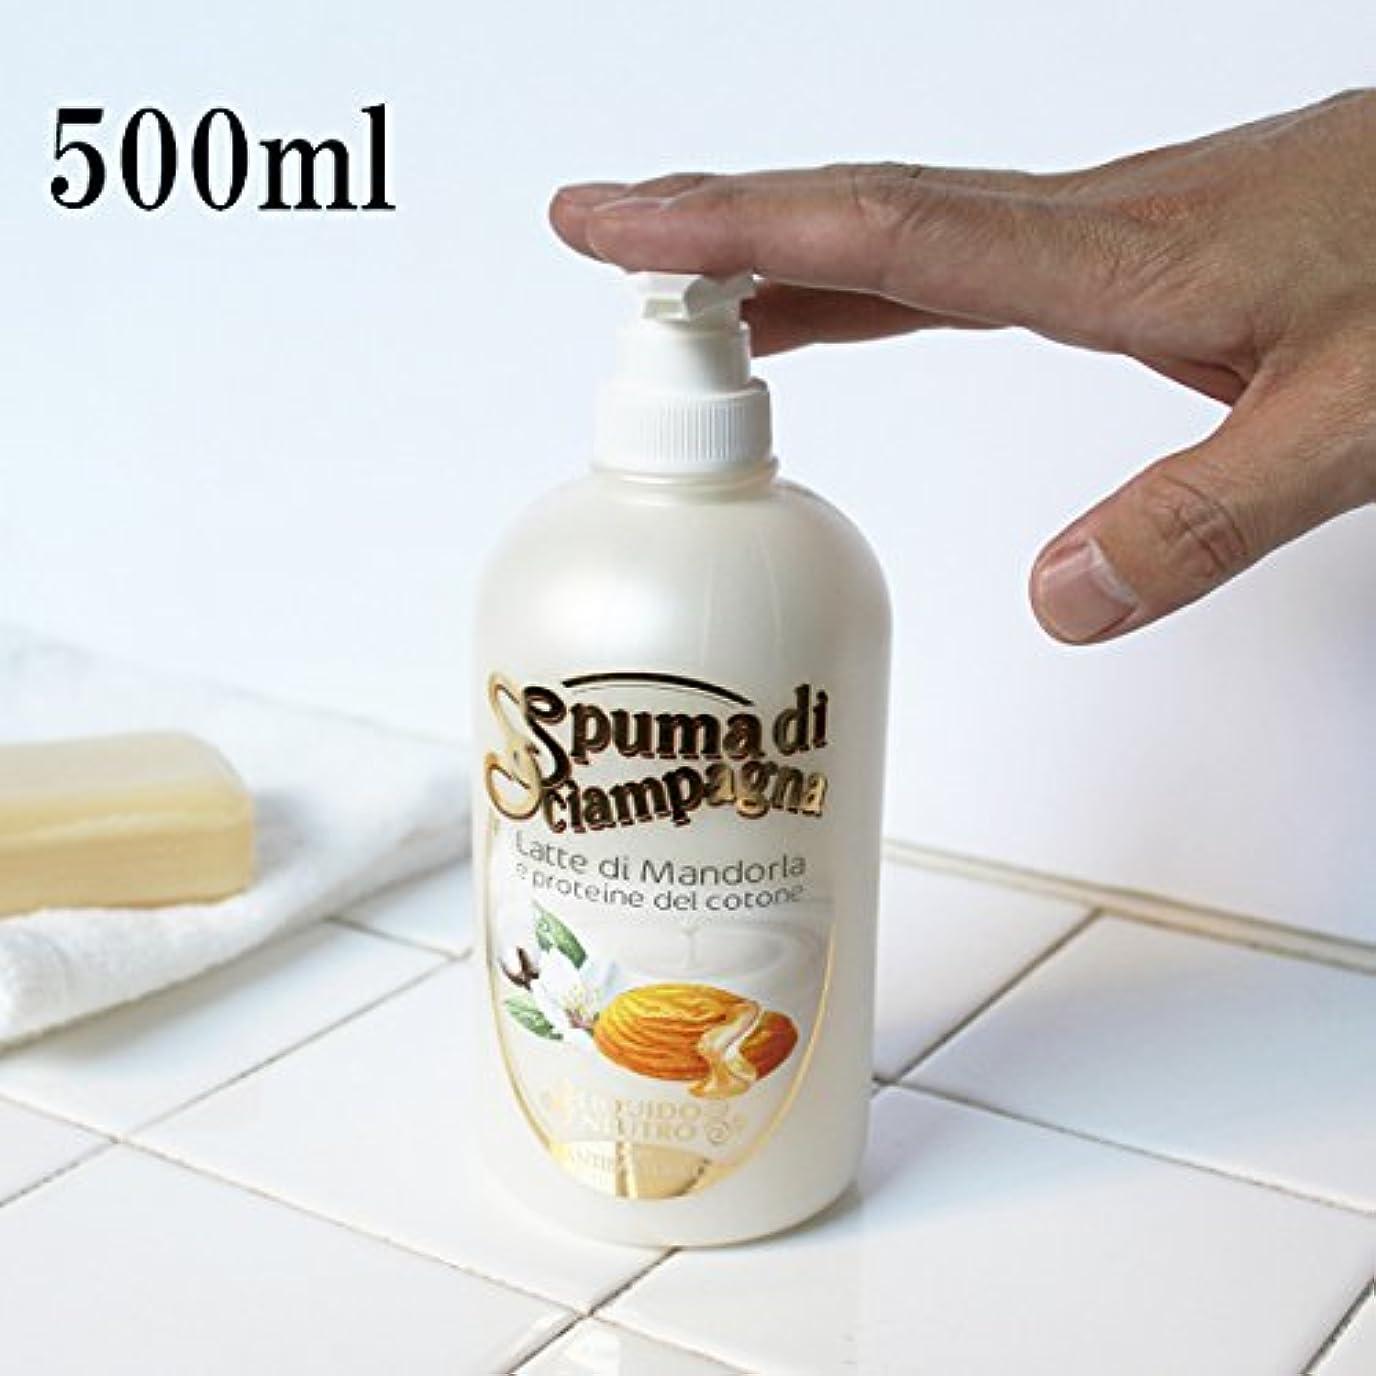 今までマージン森Spuma di Sciampagna (スプーマ ディ シャンパーニャ) リキッドソープ 500ml アーモンドの香り